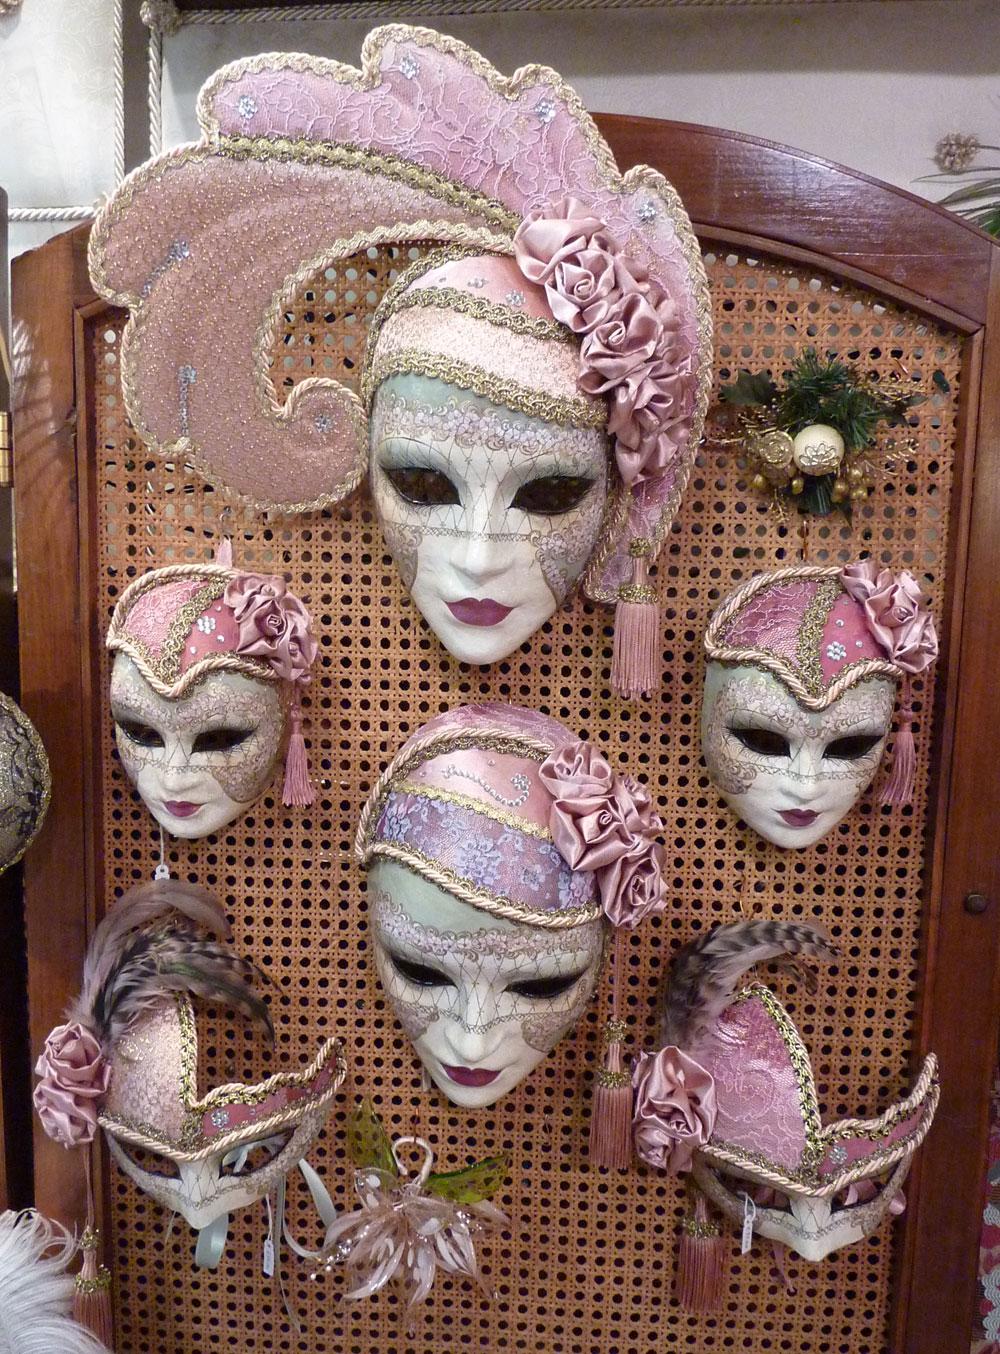 Decoration De Platre : Les masques traditionnels du carnaval de venise schegge